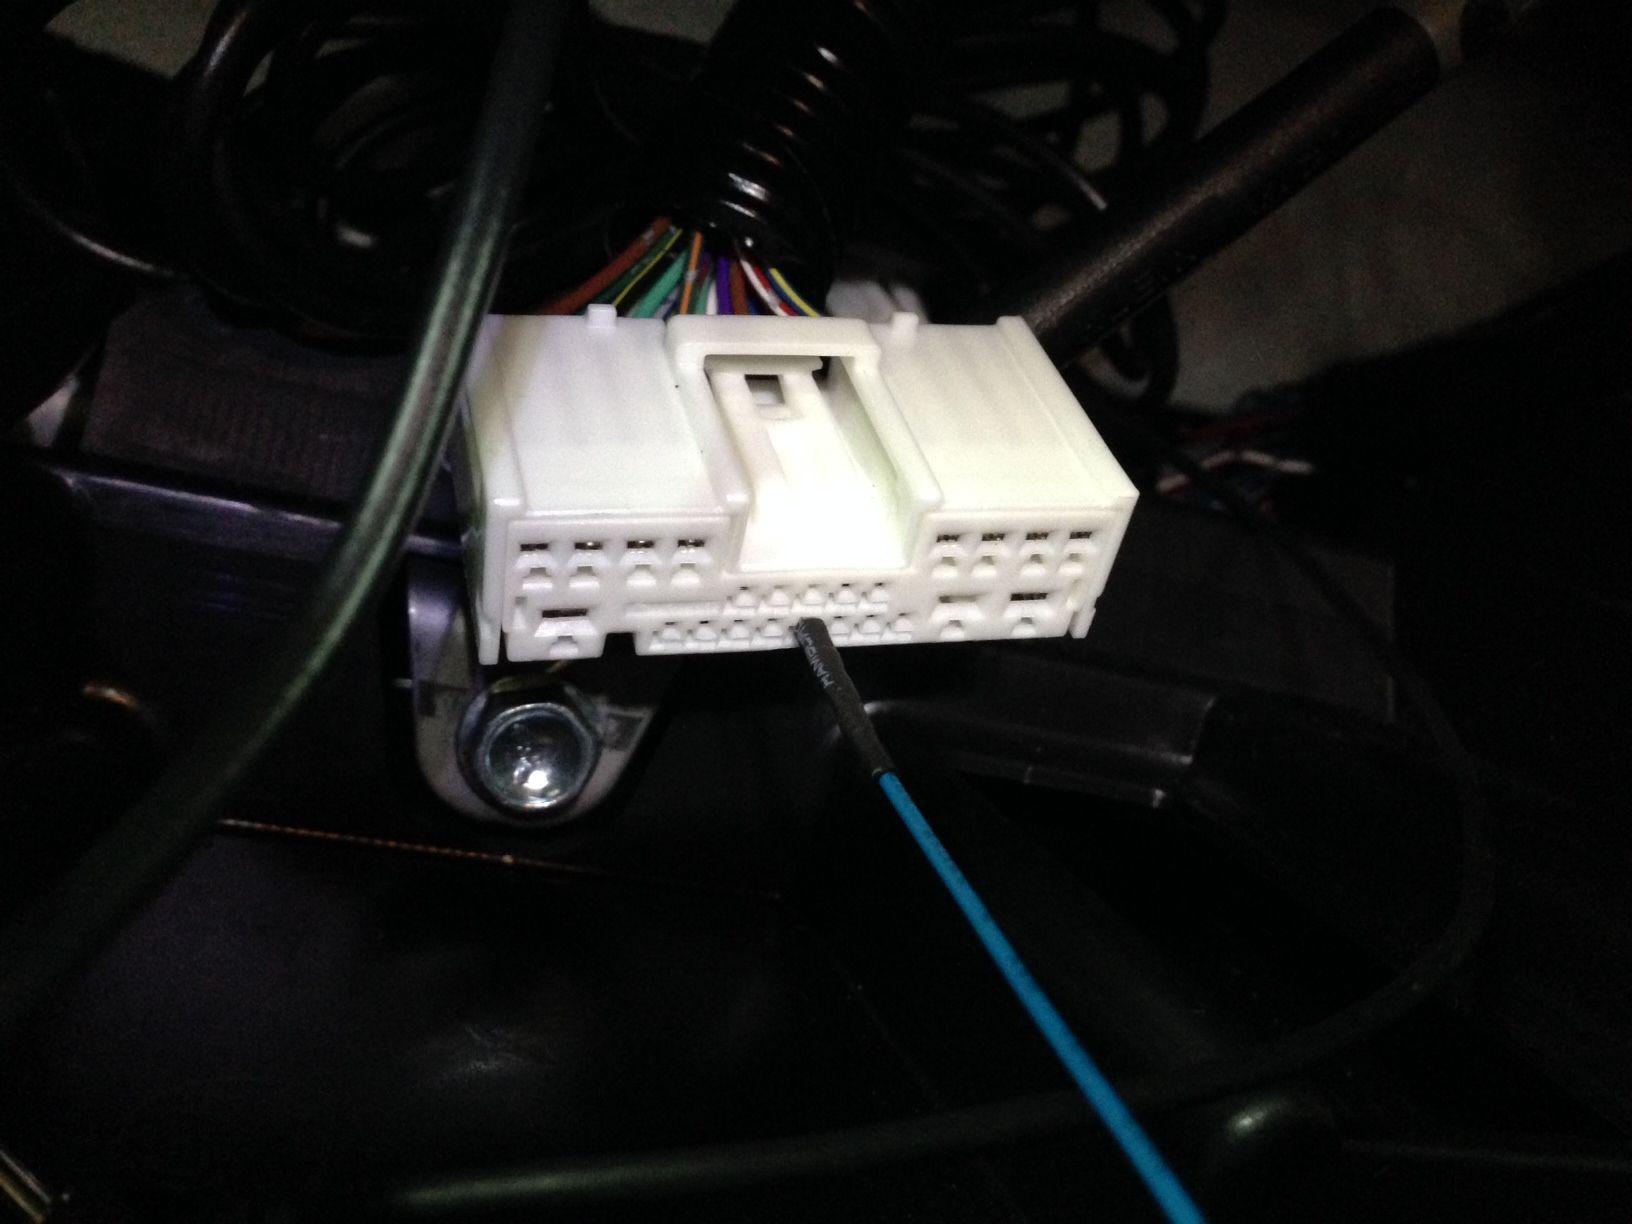 Mazda Camera Wiring Diagram on 2009 mazda 6 dash removal, 2009 mazda 6 speedometer, 2009 mazda 6 lighting, 2001 mazda miata wiring diagram, 2002 mazda millenia wiring diagram, 2010 volvo xc60 wiring diagram, 2006 mazda 5 wiring diagram, 2006 mazda 6 wiring diagram, 2003 mazda tribute wiring diagram, 2008 mazda 3 wiring diagram, 2008 mazda 6 wiring diagram, 2000 mazda millenia wiring diagram, 2009 mazda 6 owner's manual, 2004 mazda 6 wiring diagram, 2009 mazda 6 oil filter, 2009 mazda 6 thermostat replacement, 2009 mazda 6 transmission, 2007 mazda 6 wiring diagram, 2005 mazda 6 wiring diagram, 2002 mazda miata wiring diagram,